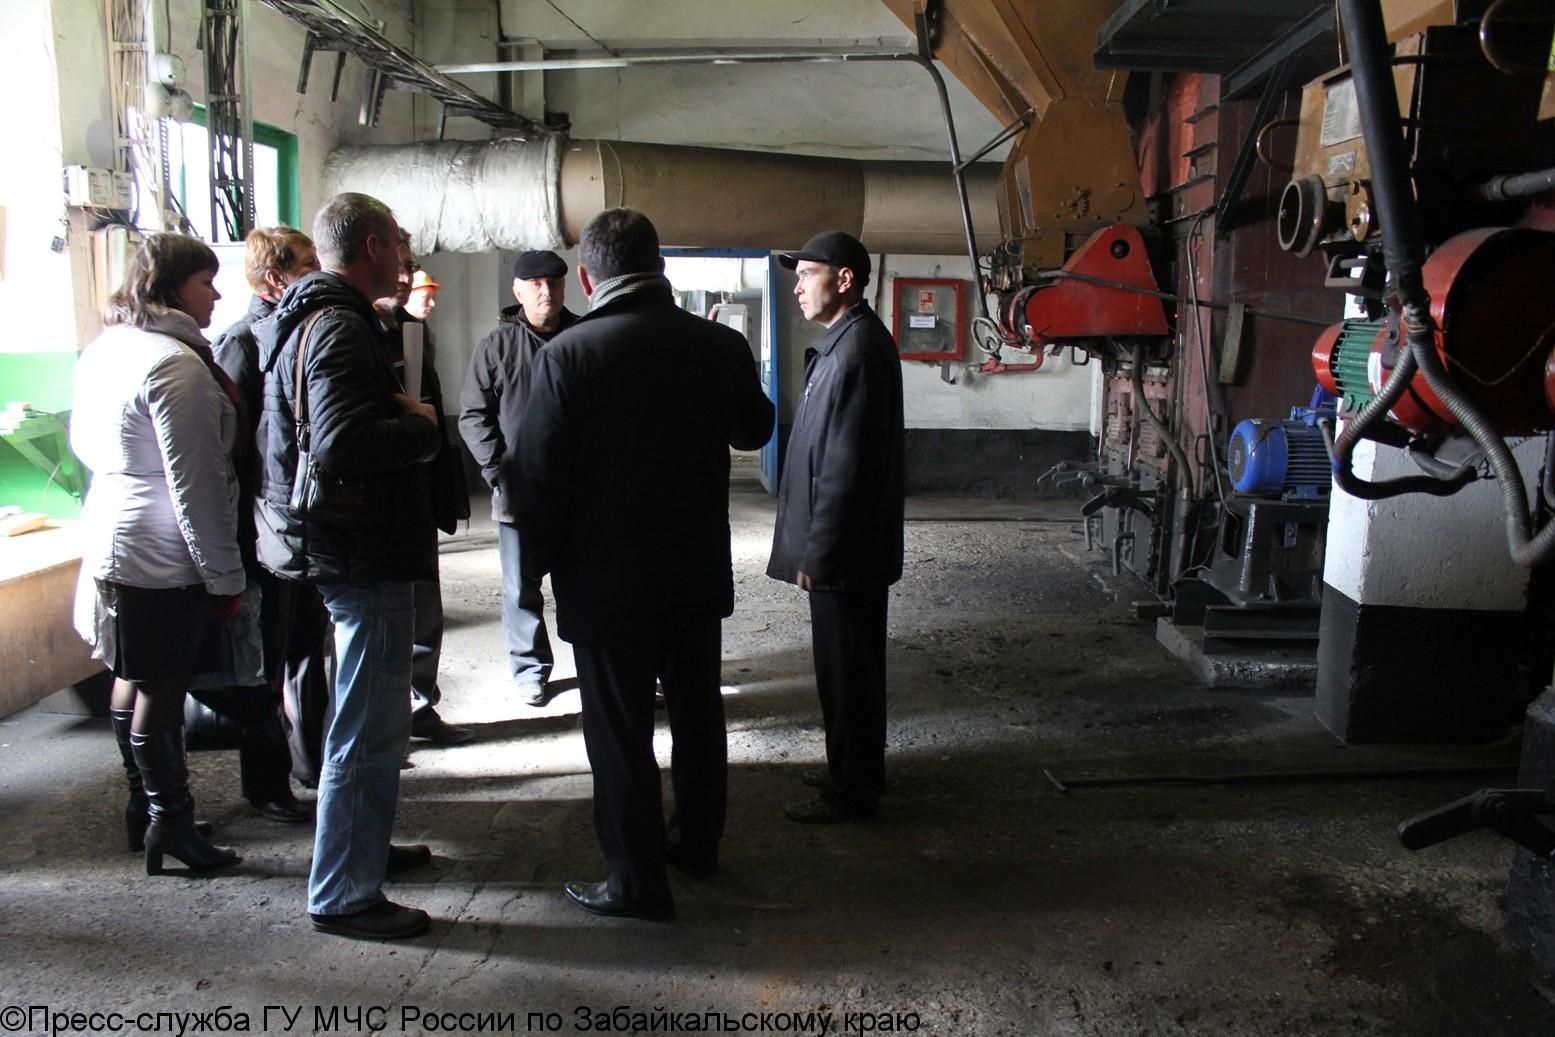 Сотрудники МЧС собрали глав районов для обсуждения вопросов обеспечения безопасности населения в осеннее-зимний период